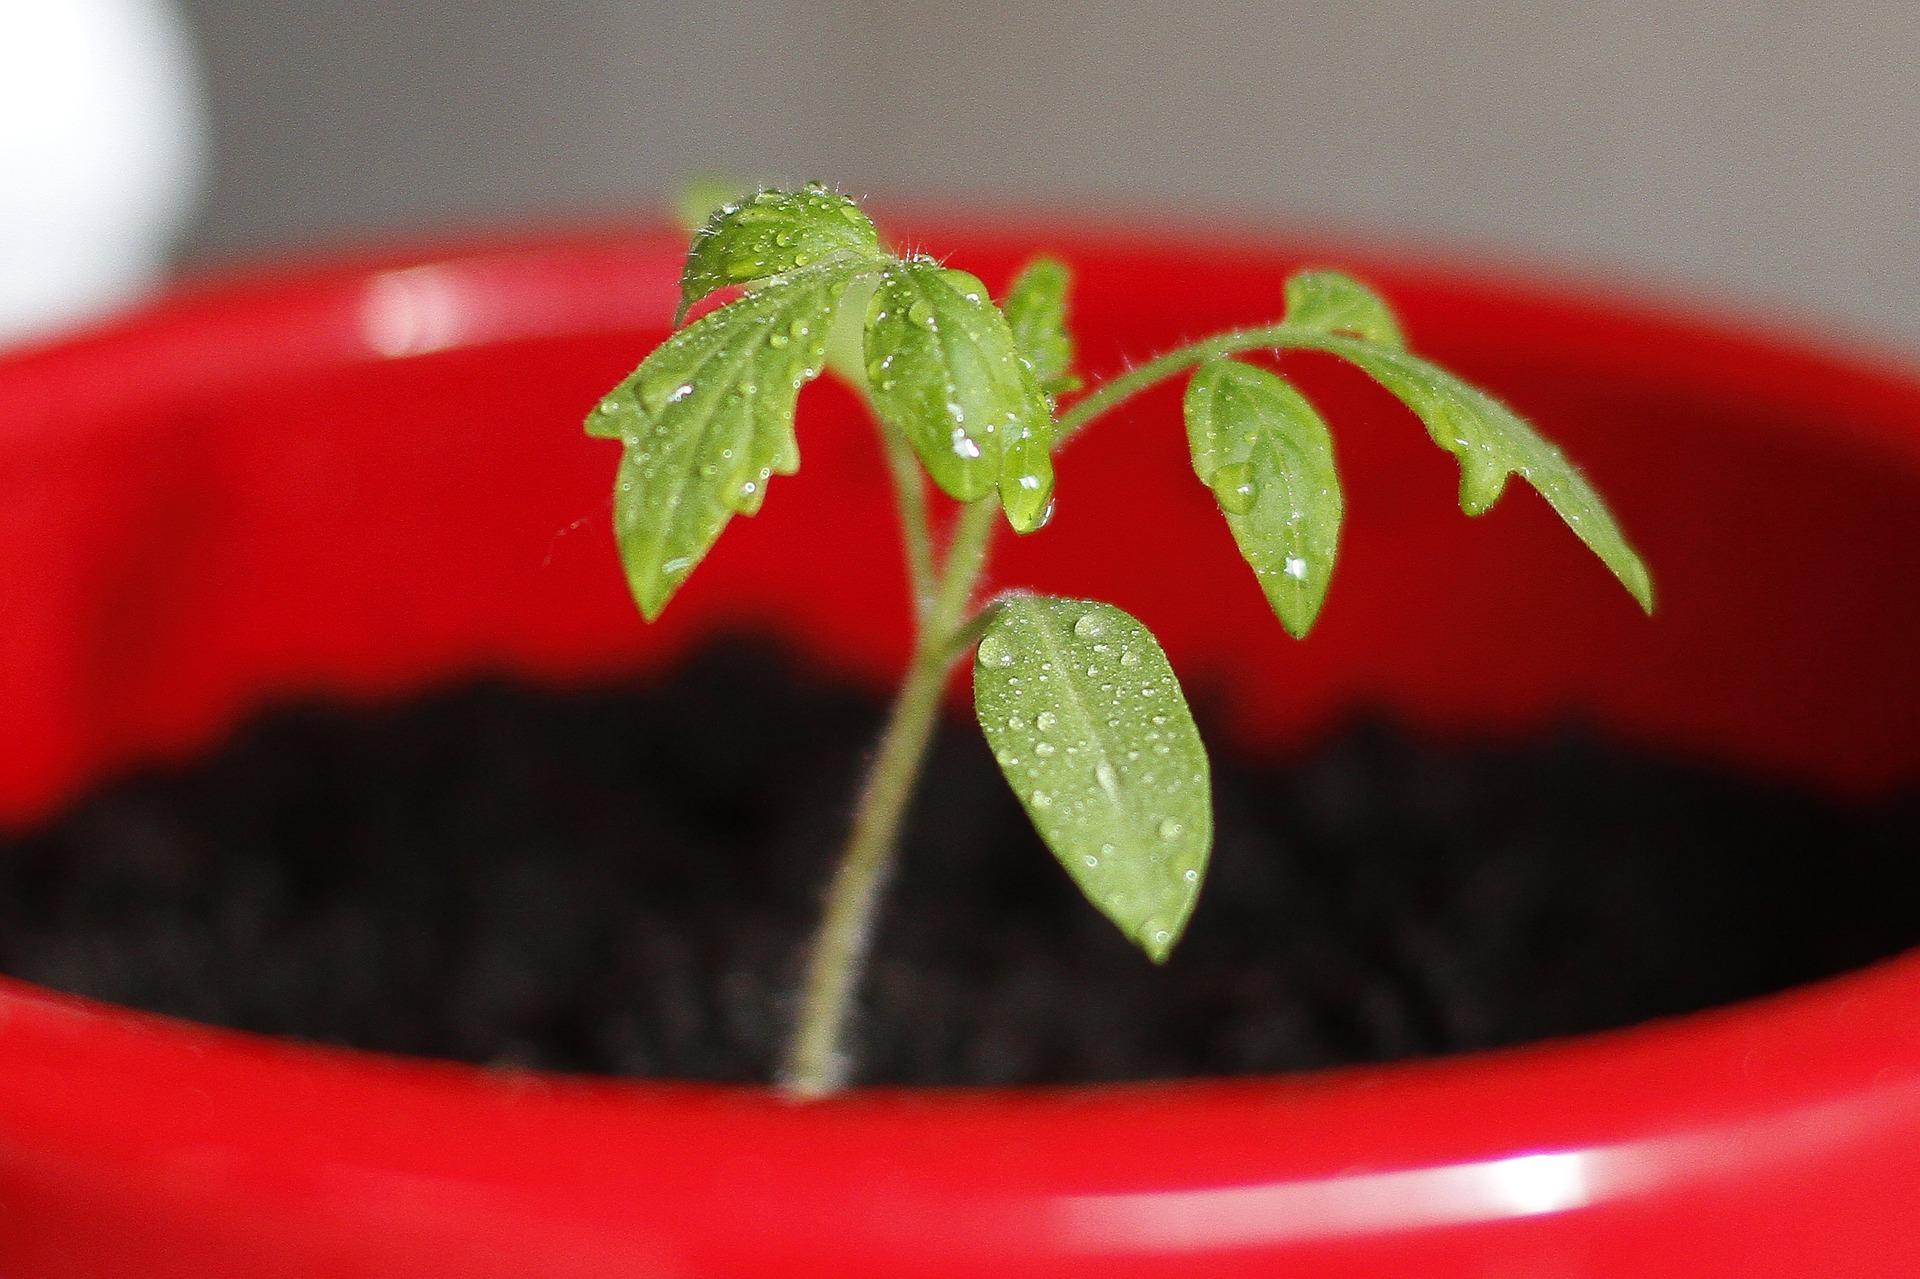 Wordt het al tijd jouw plantje te verpotten?